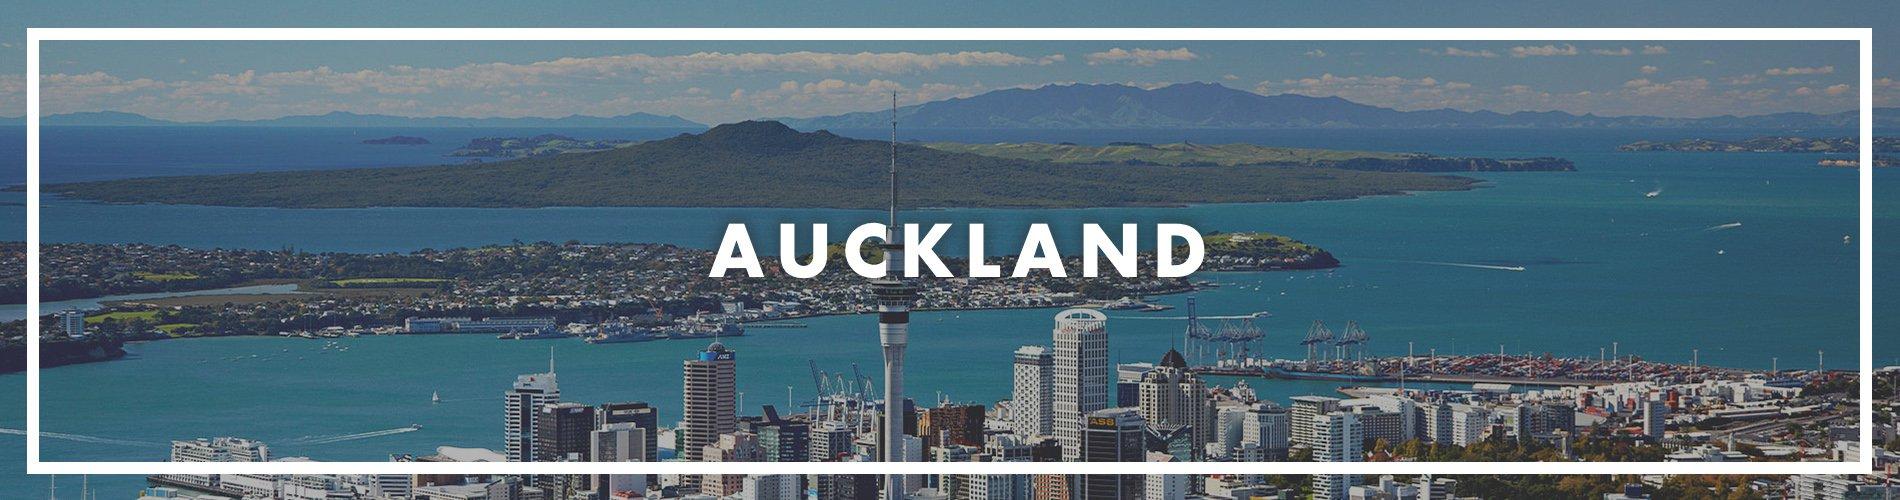 Auckland banner